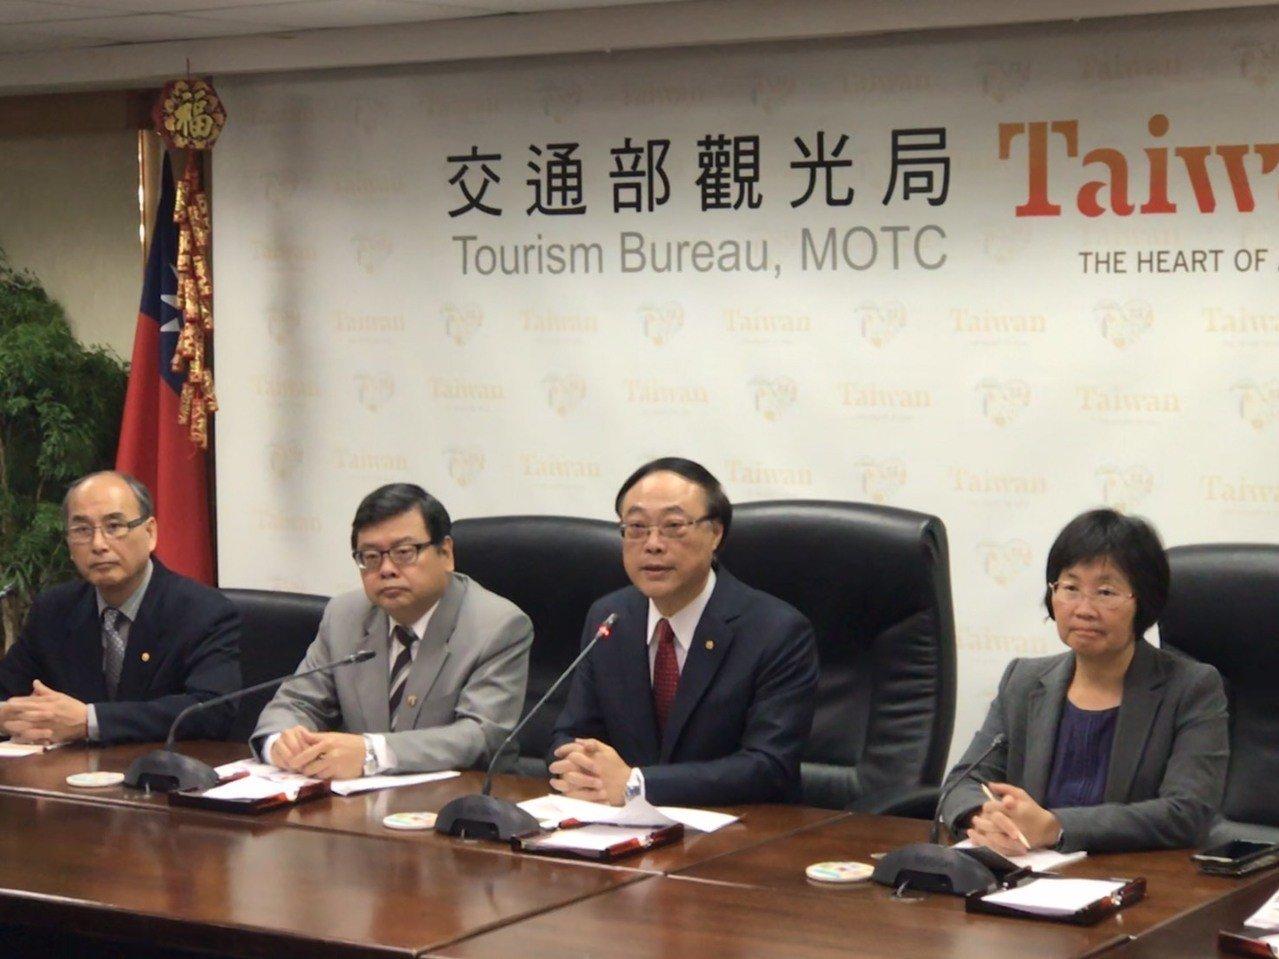 交通部觀光局經過召開「2020台灣燈會」及「2021台灣燈會」主辦縣市評選委員會...